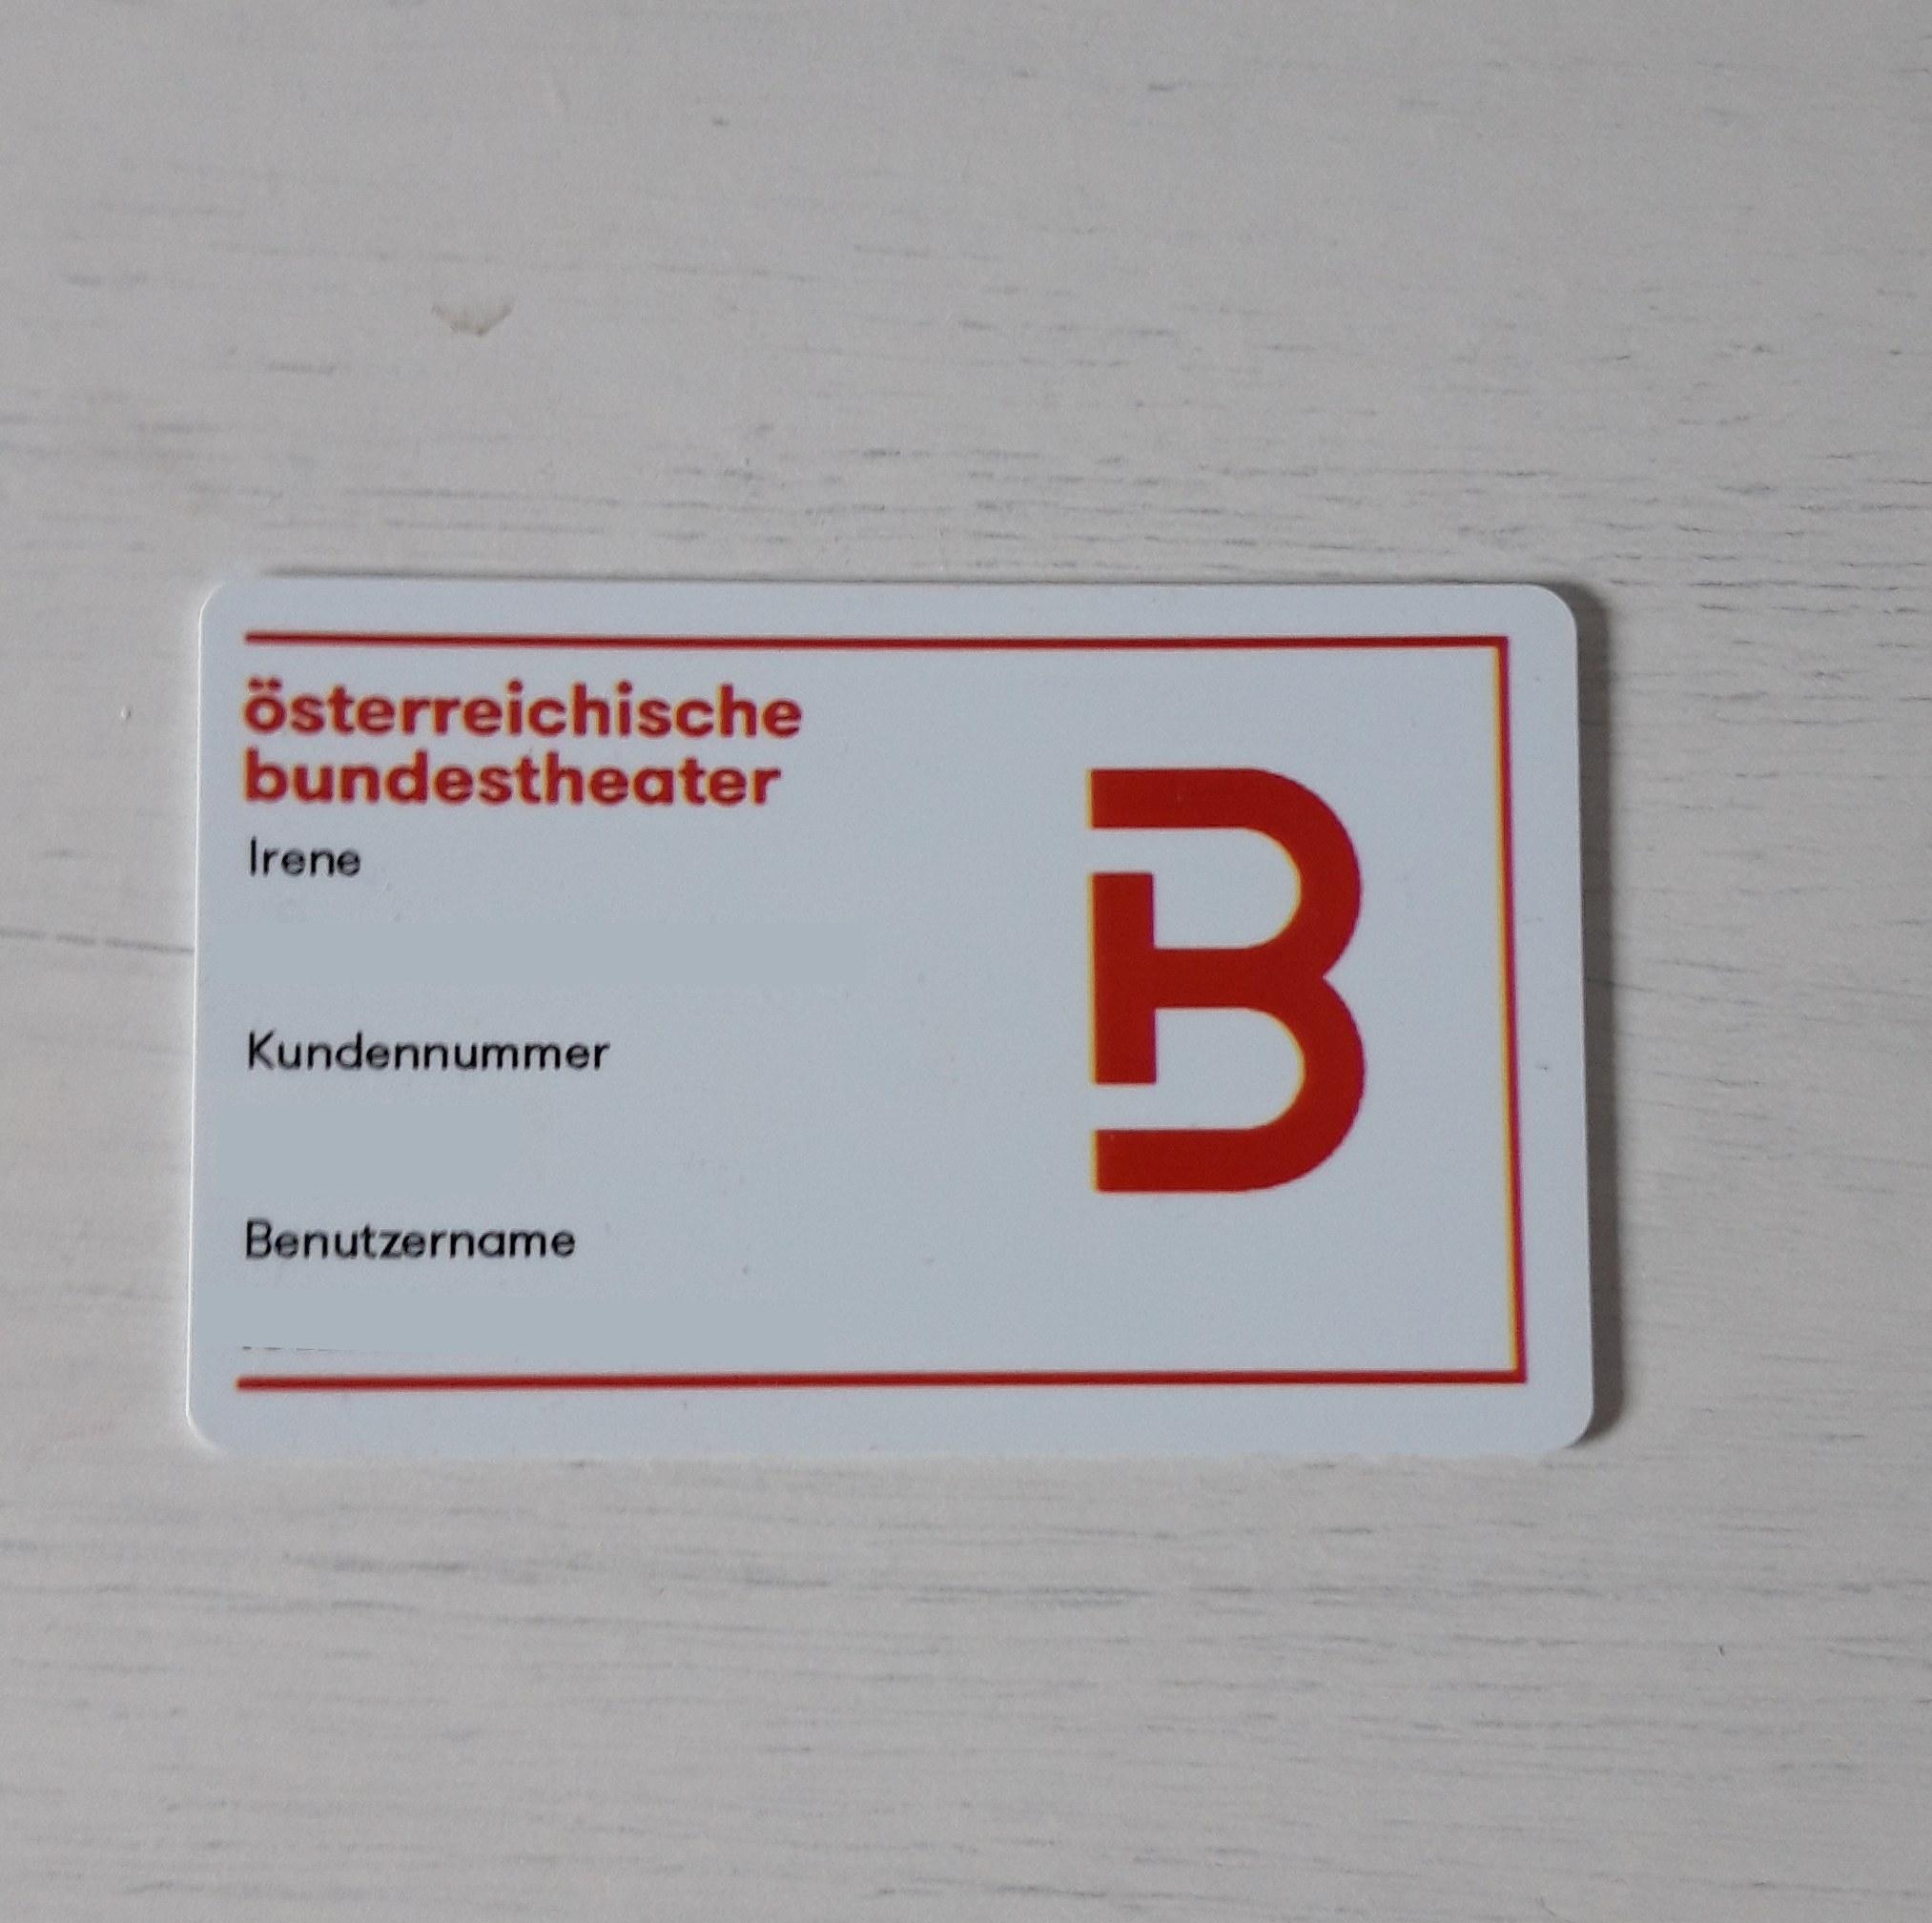 BundestheaterCard